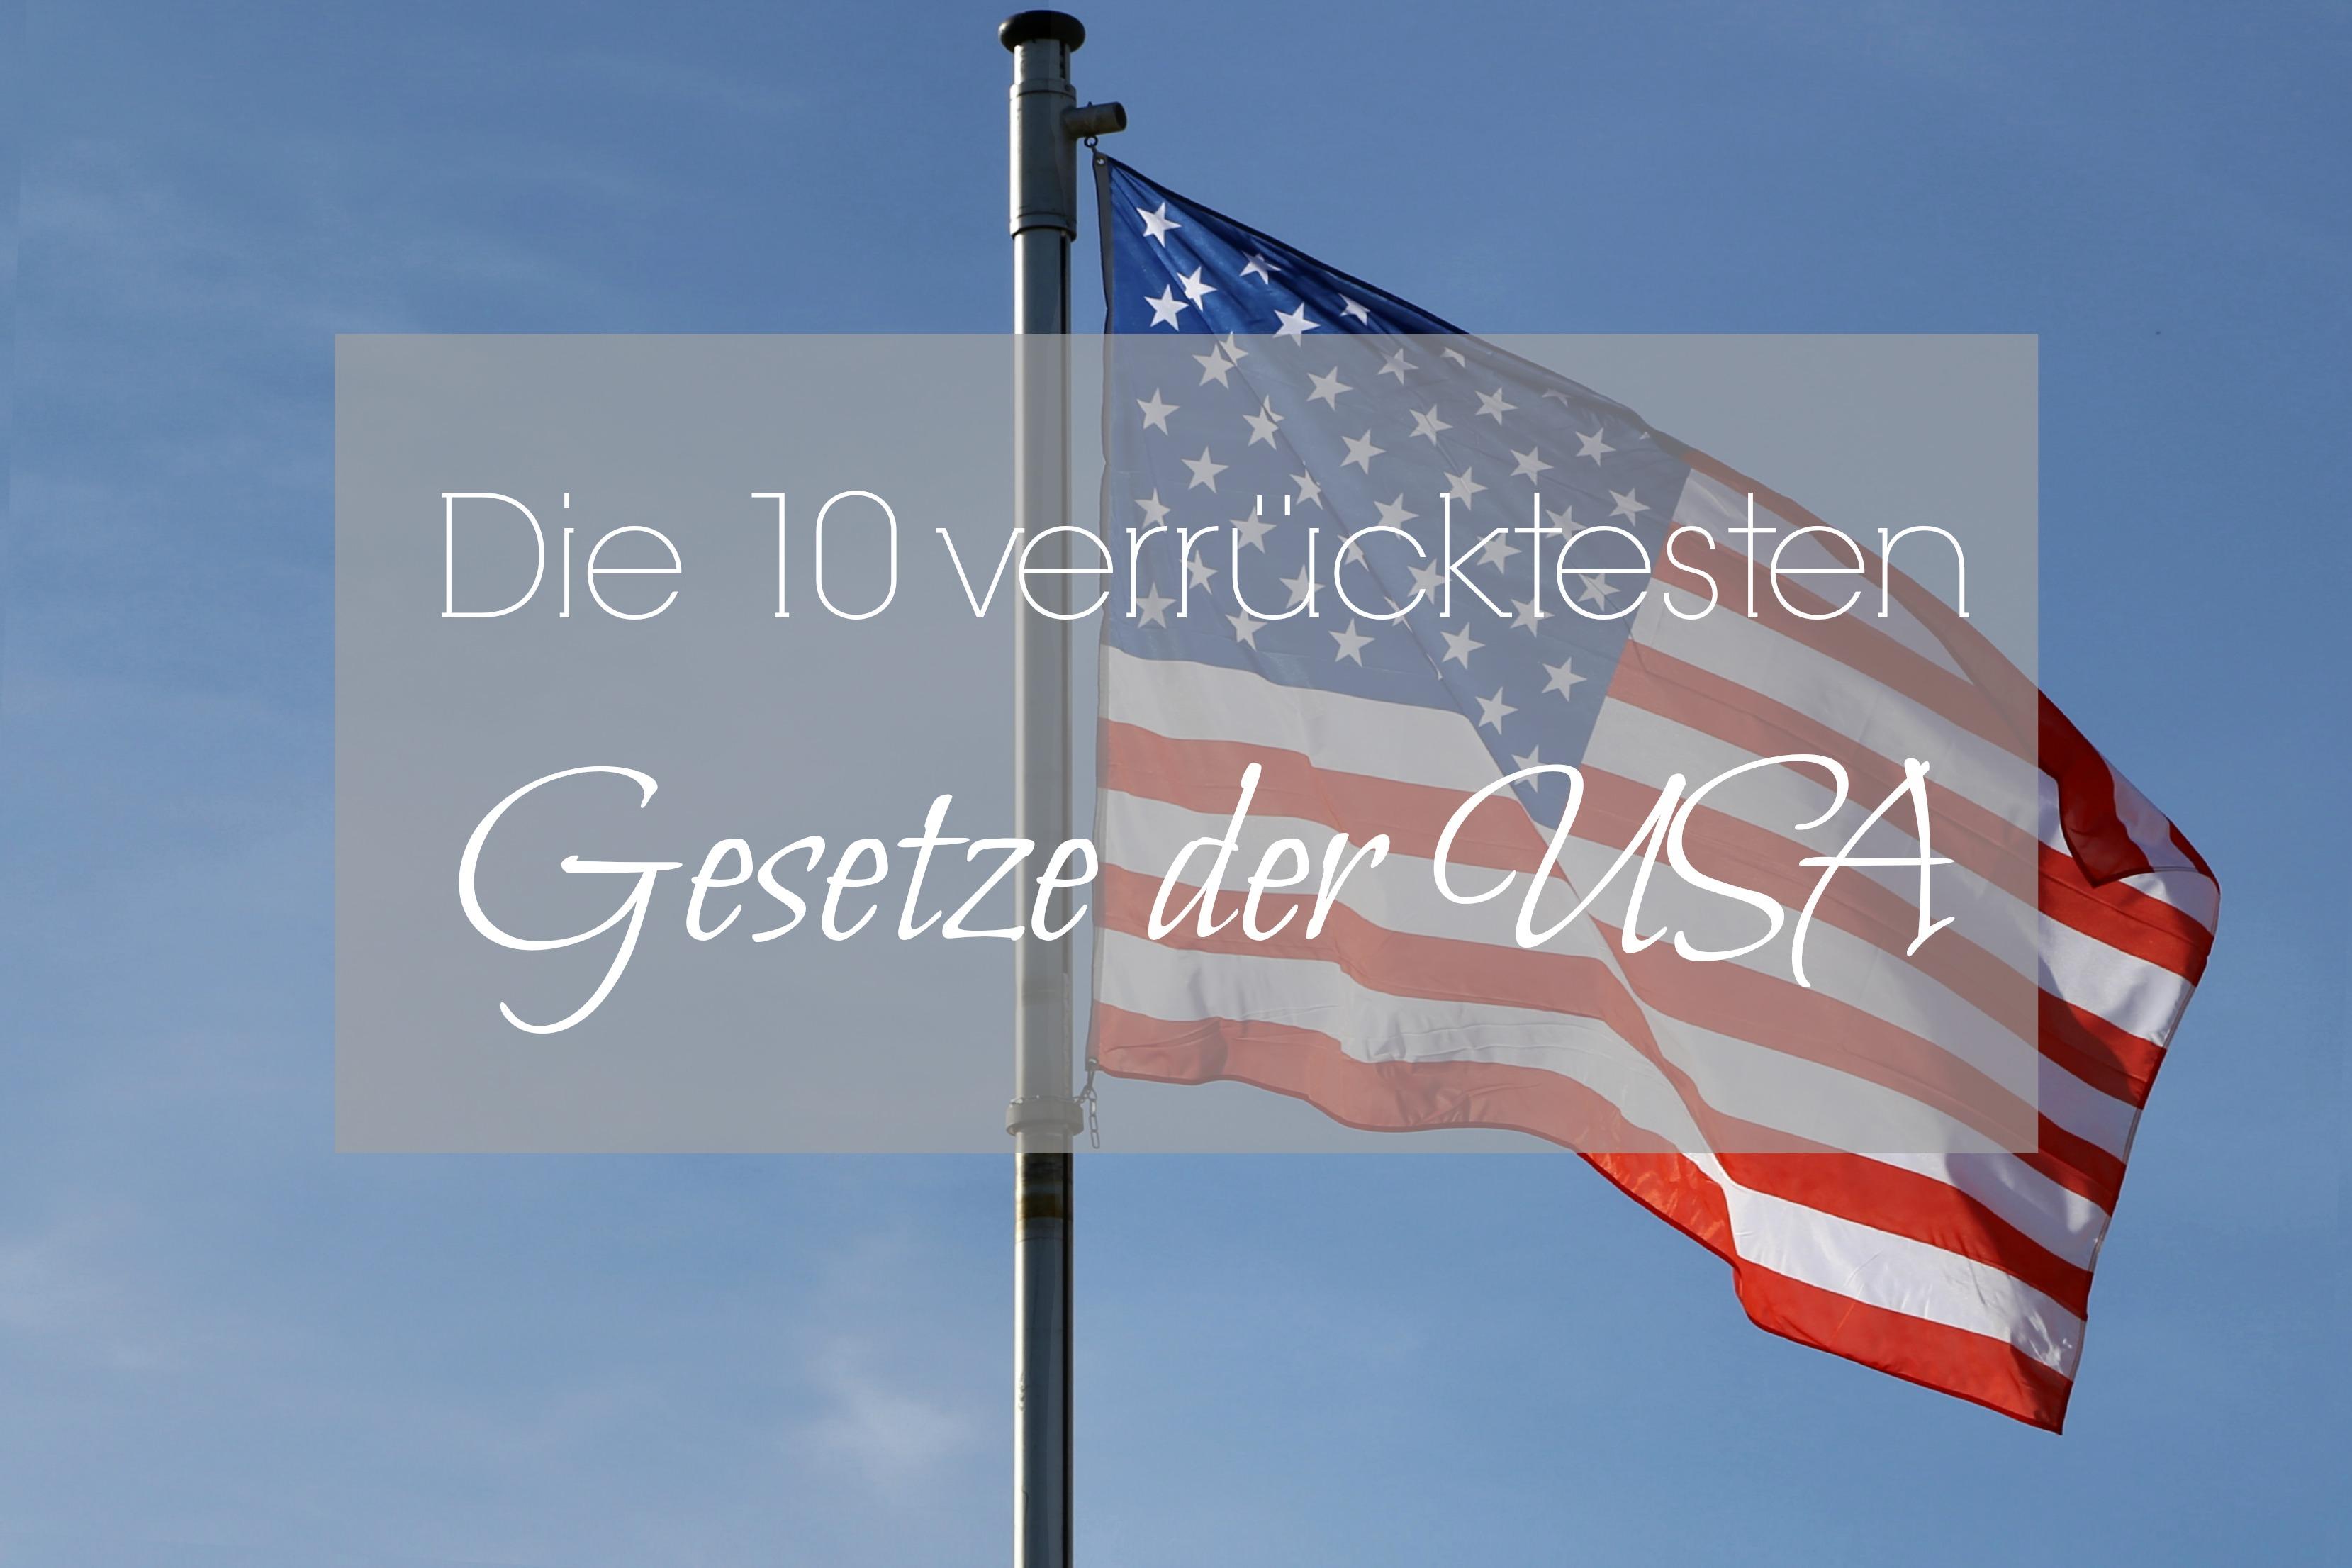 Die 10 verrücktesten Gesetze der USA